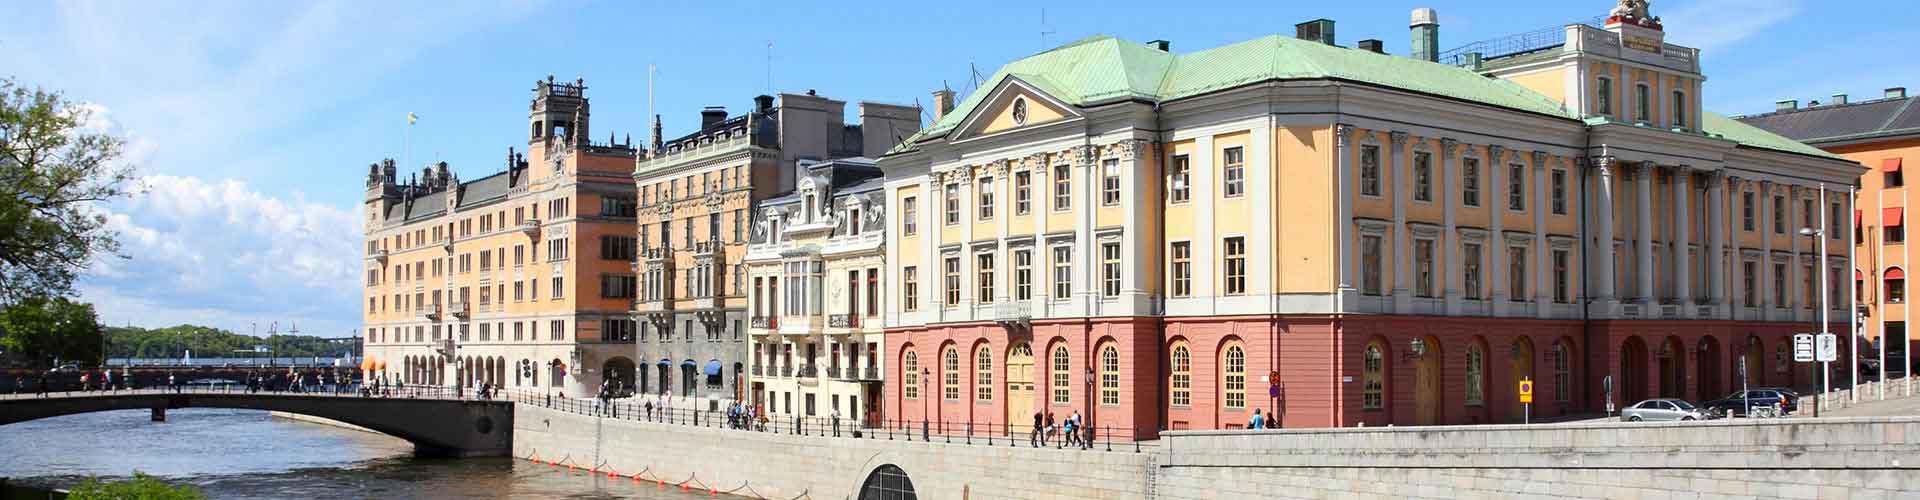 Stoccolma – Ostelli nella Norrmalm zona. Mappe per Stoccolma, Foto e Recensioni per ogni ostello a Stoccolma.